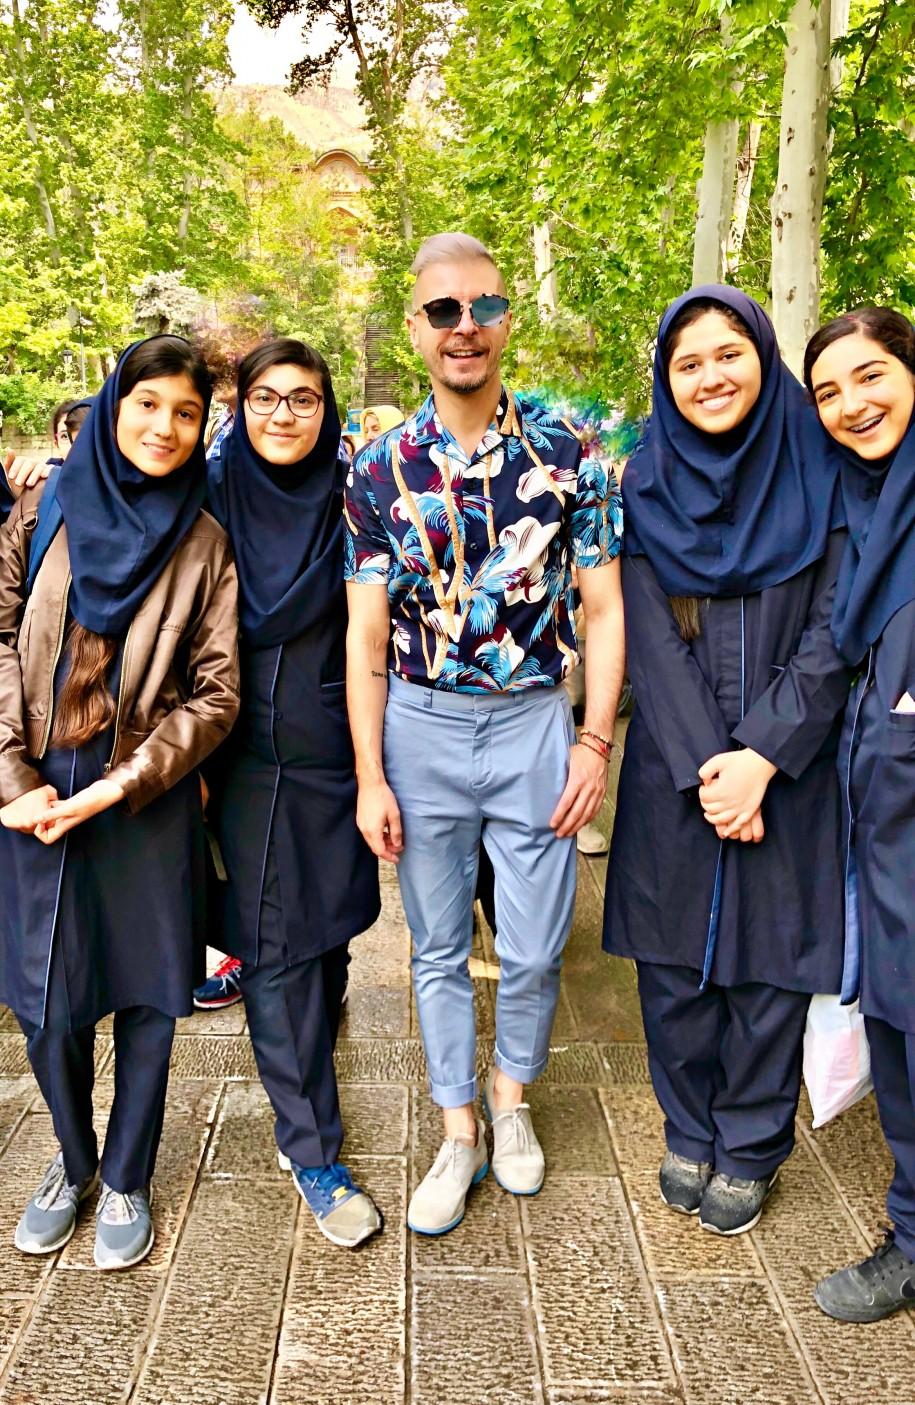 Ovidiu Muresanu Teheran 12